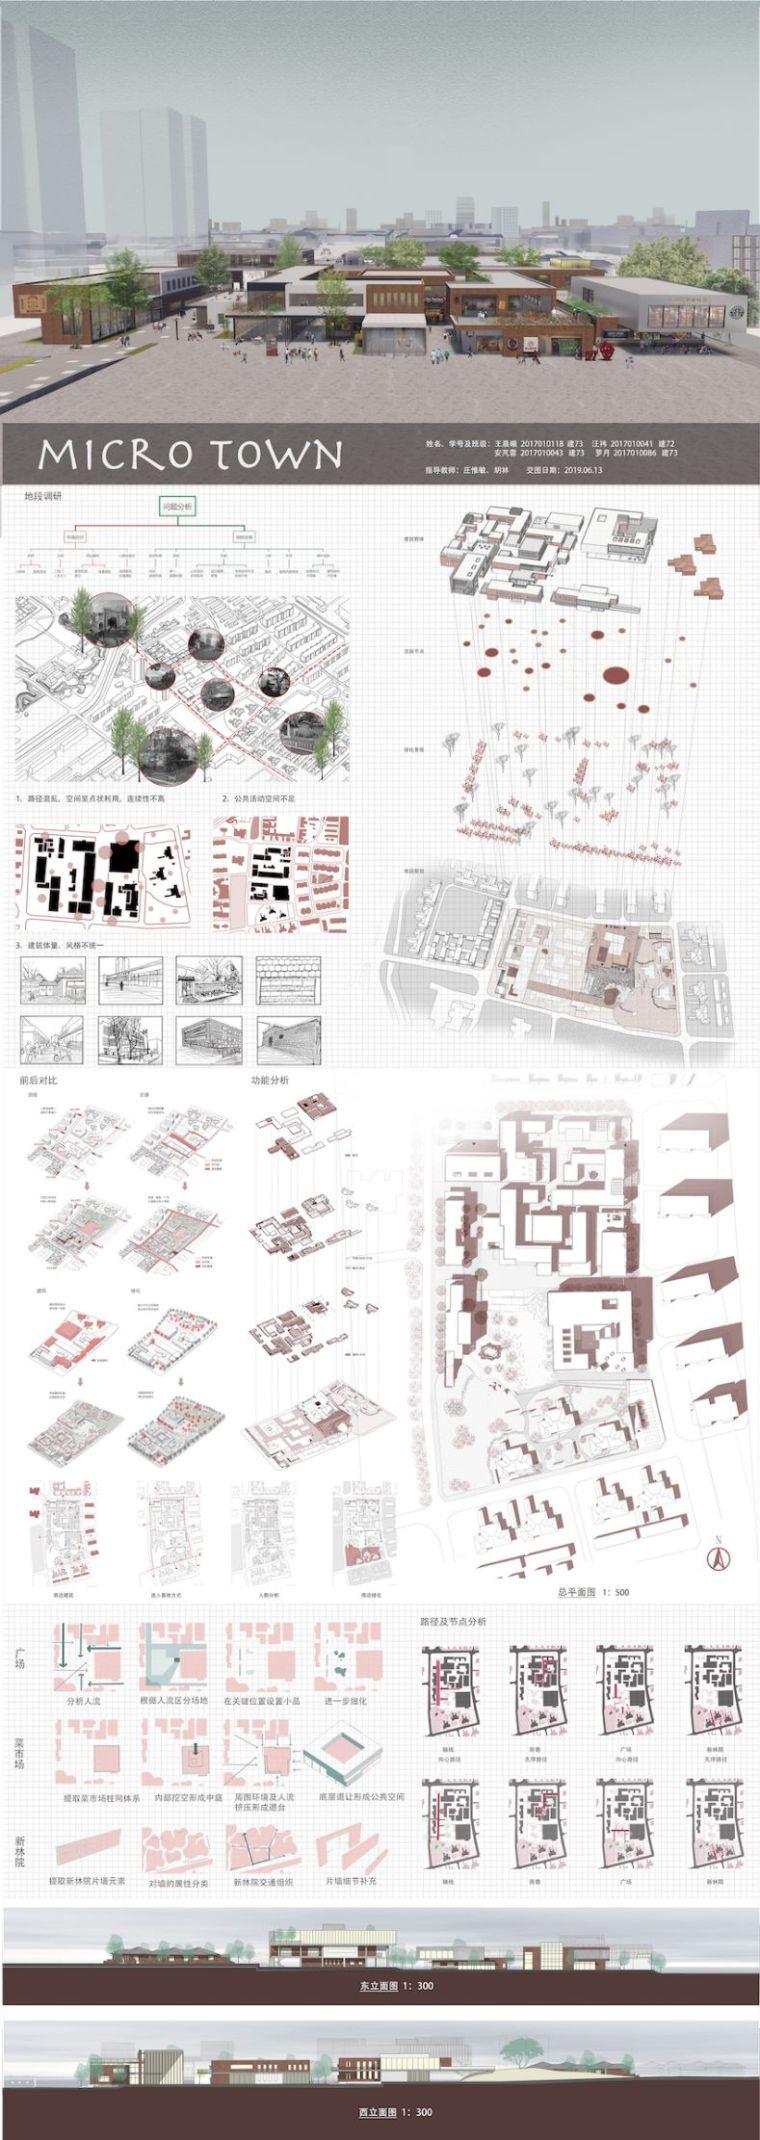 清华大学本科二年级设计成果展示